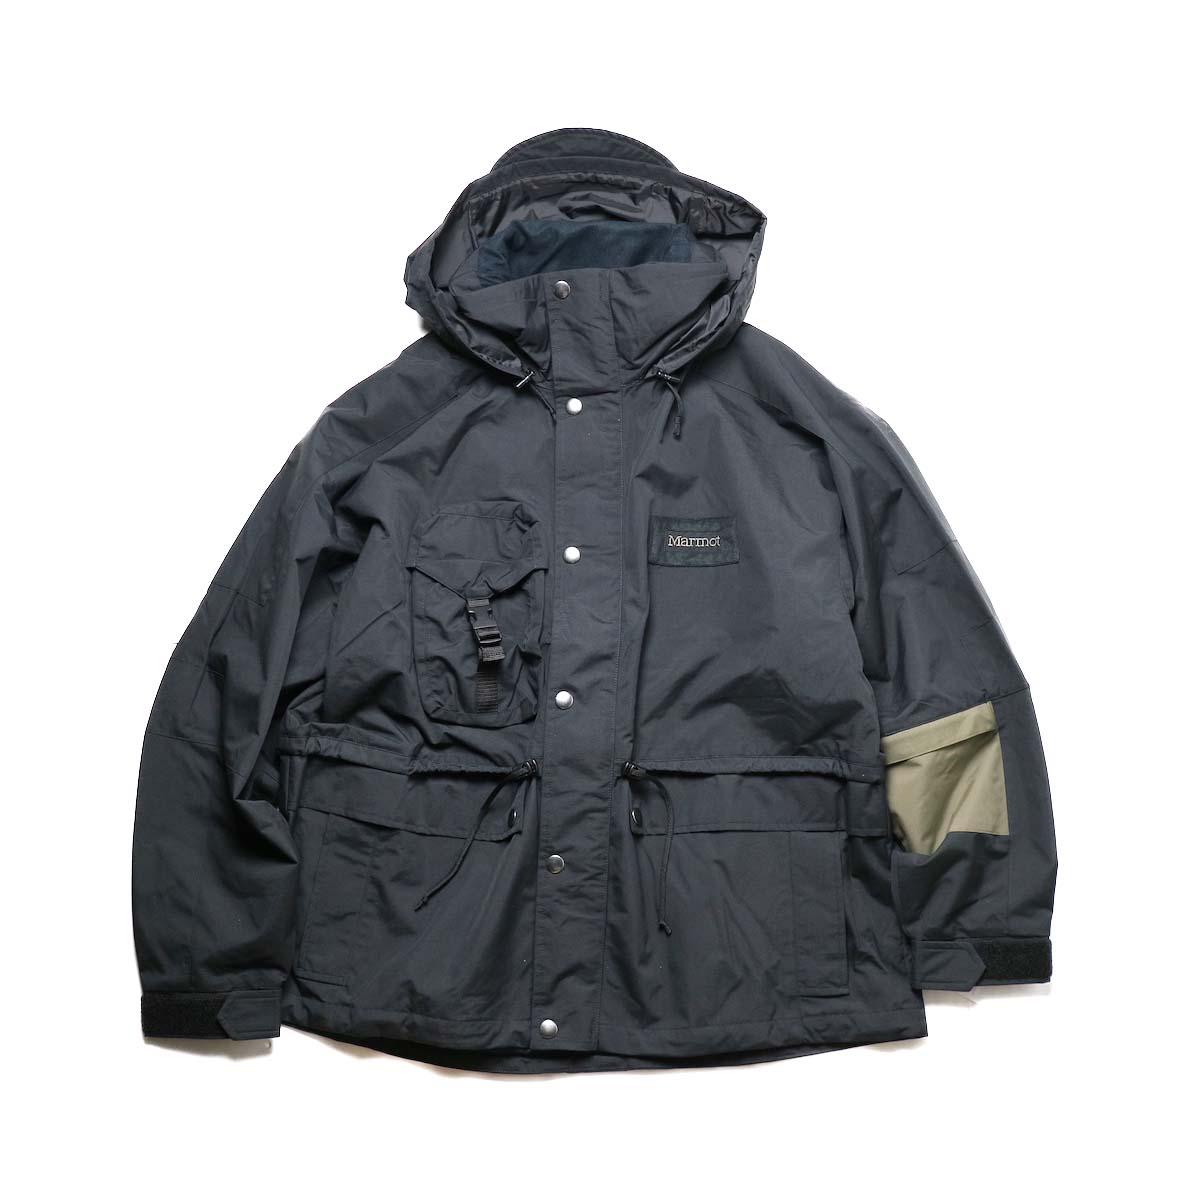 Marmot Histric Collection / Scranton Jacket (Black/Black)